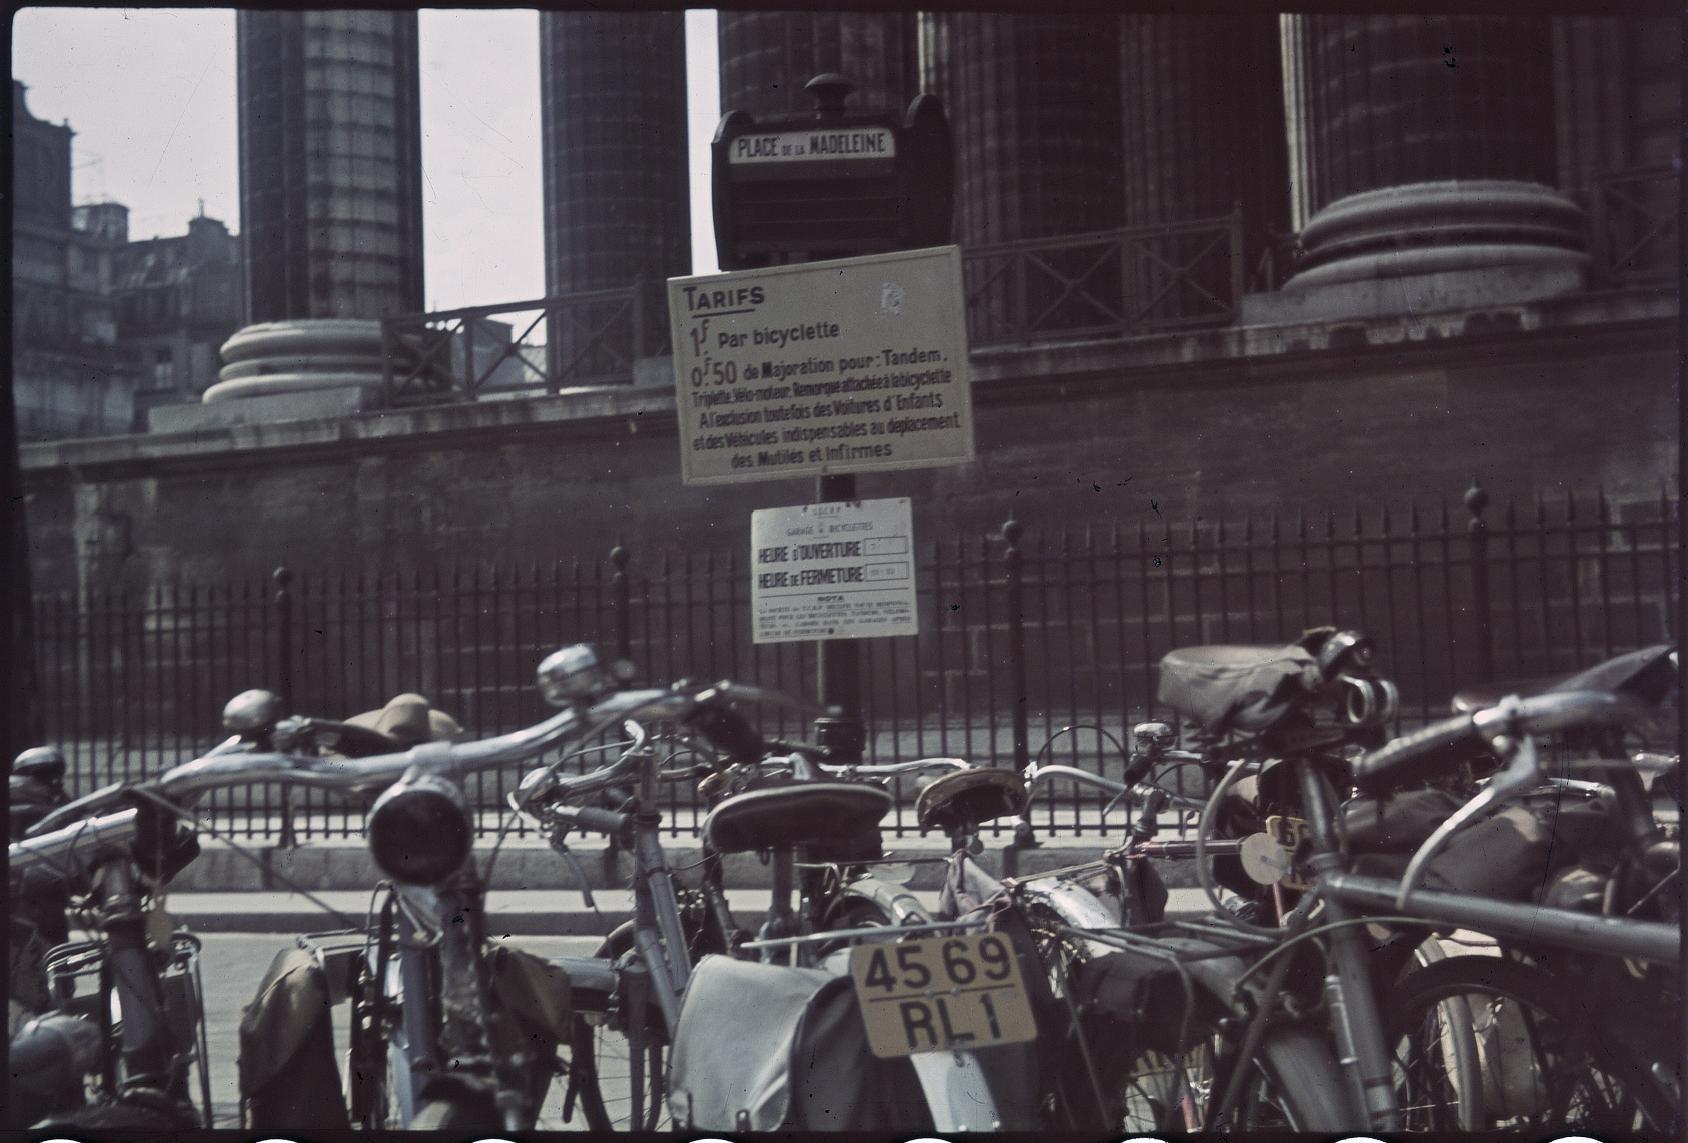 Велосипедная парковка на автобусной остановке. Площадь Мадлен